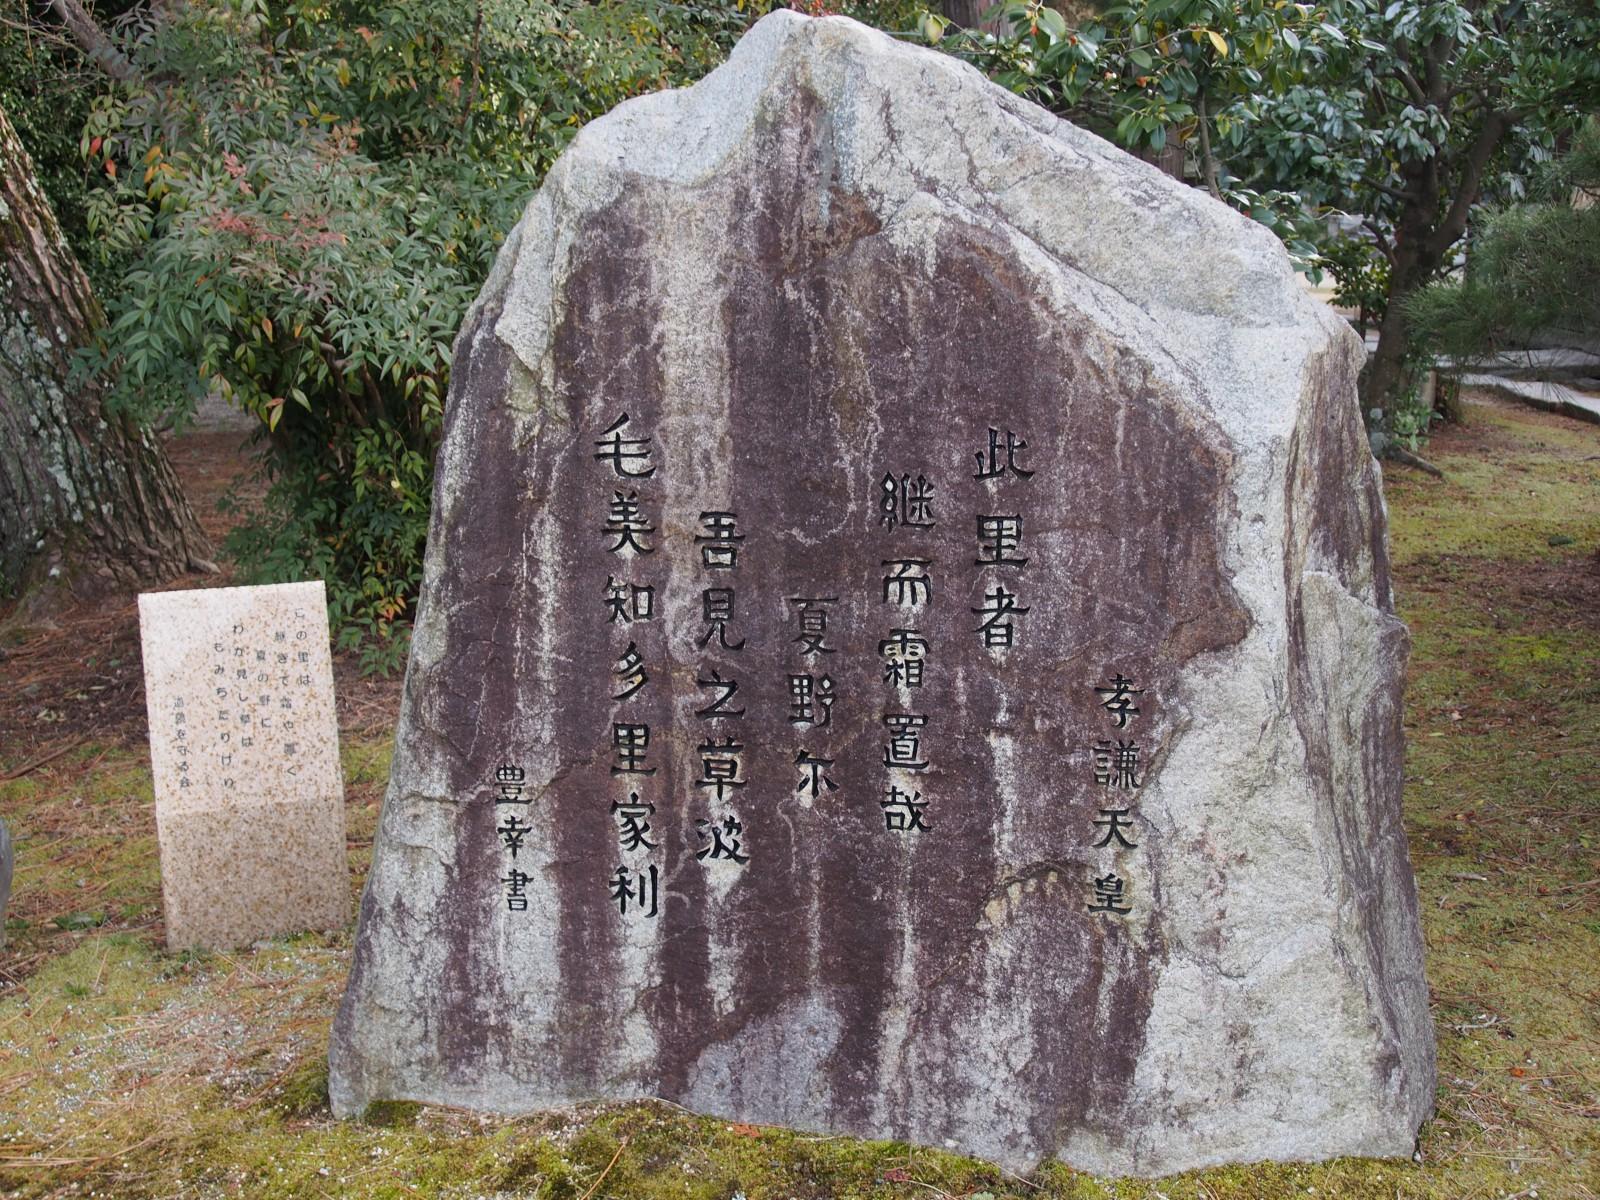 孝謙天皇の万葉歌碑(西大寺)